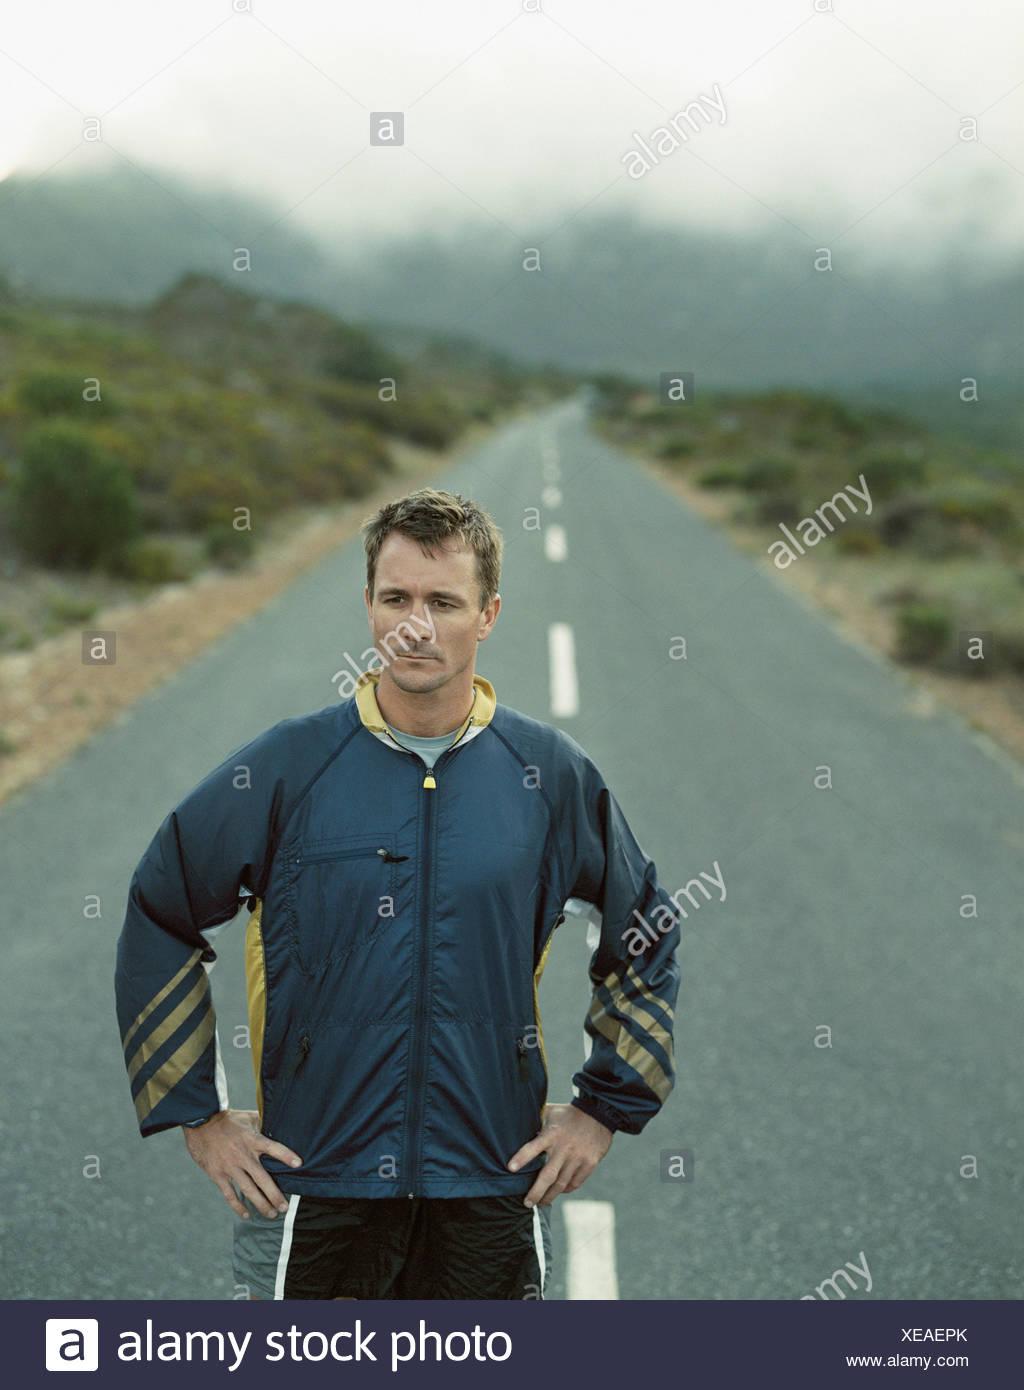 Un stoico uomo in piedi su una strada desolata Immagini Stock